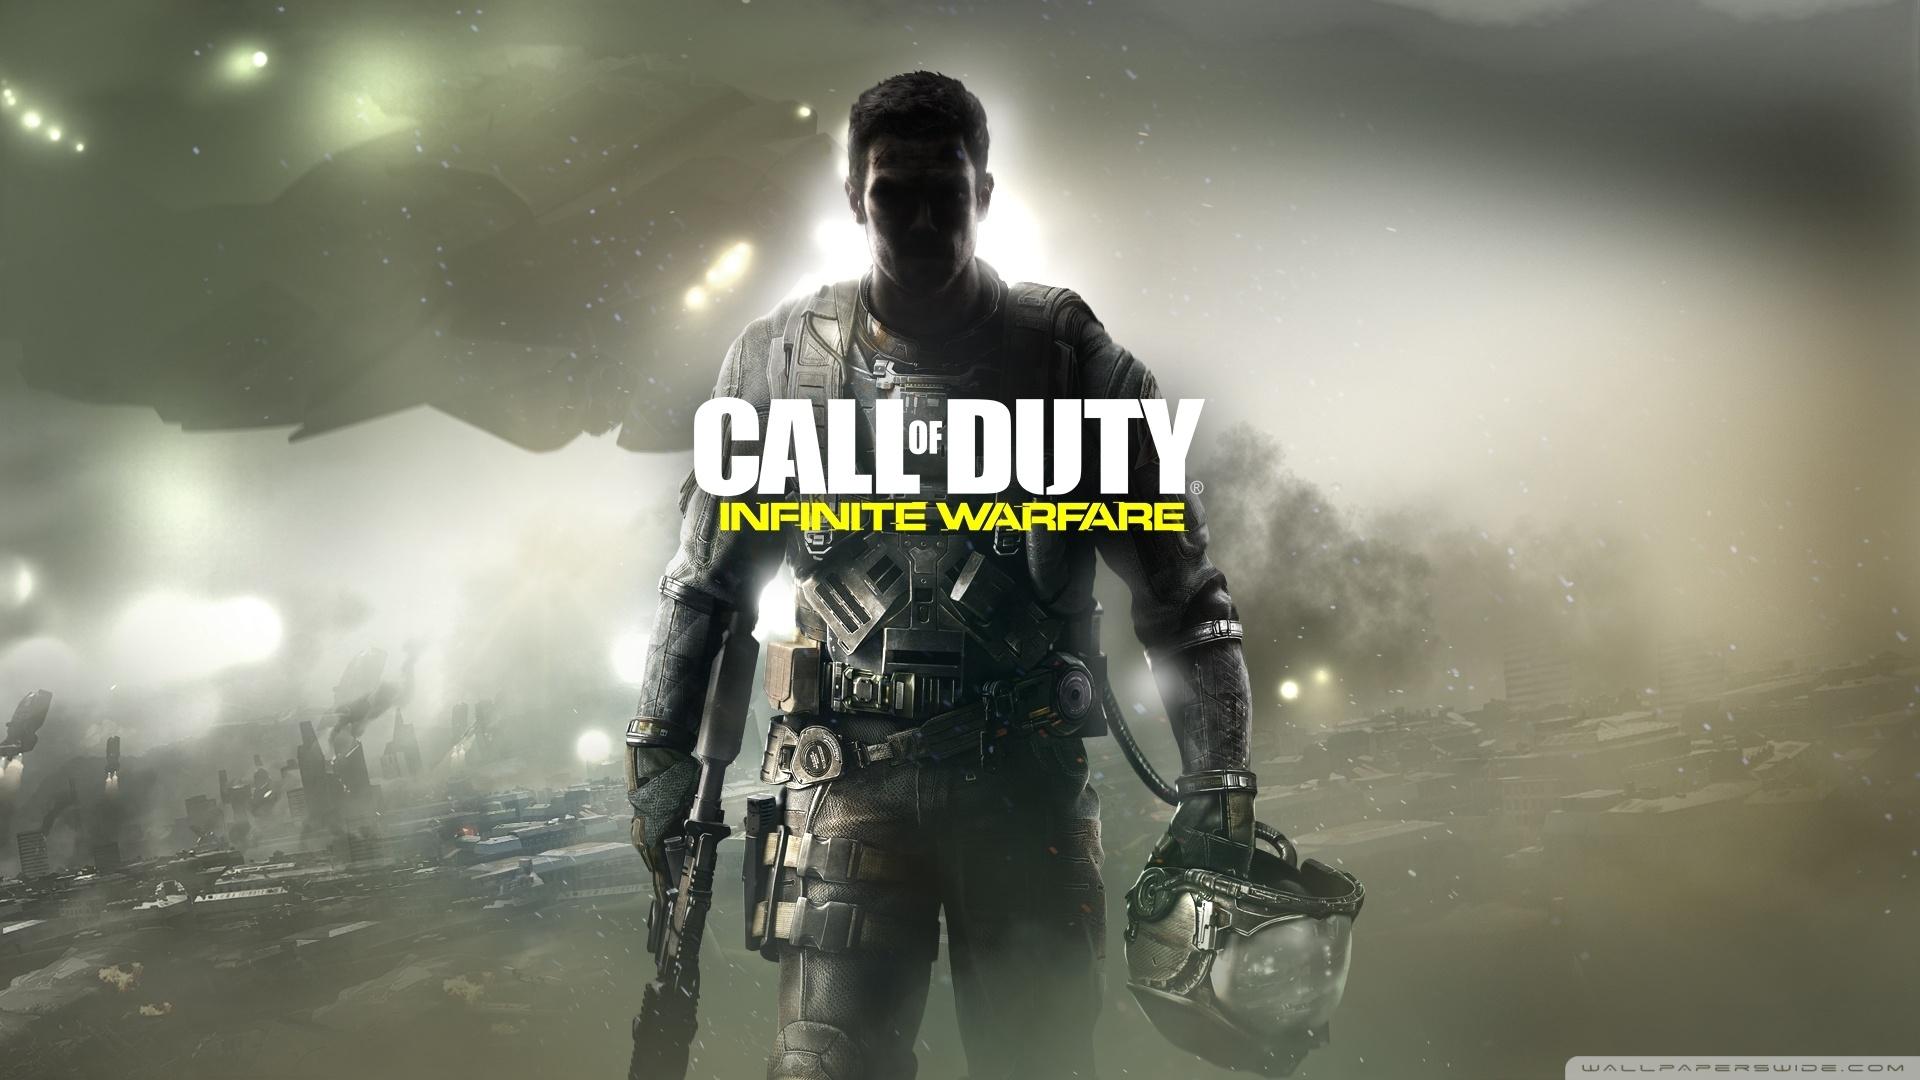 call of duty infinite warfare ❤ 4k hd desktop wallpaper for 4k